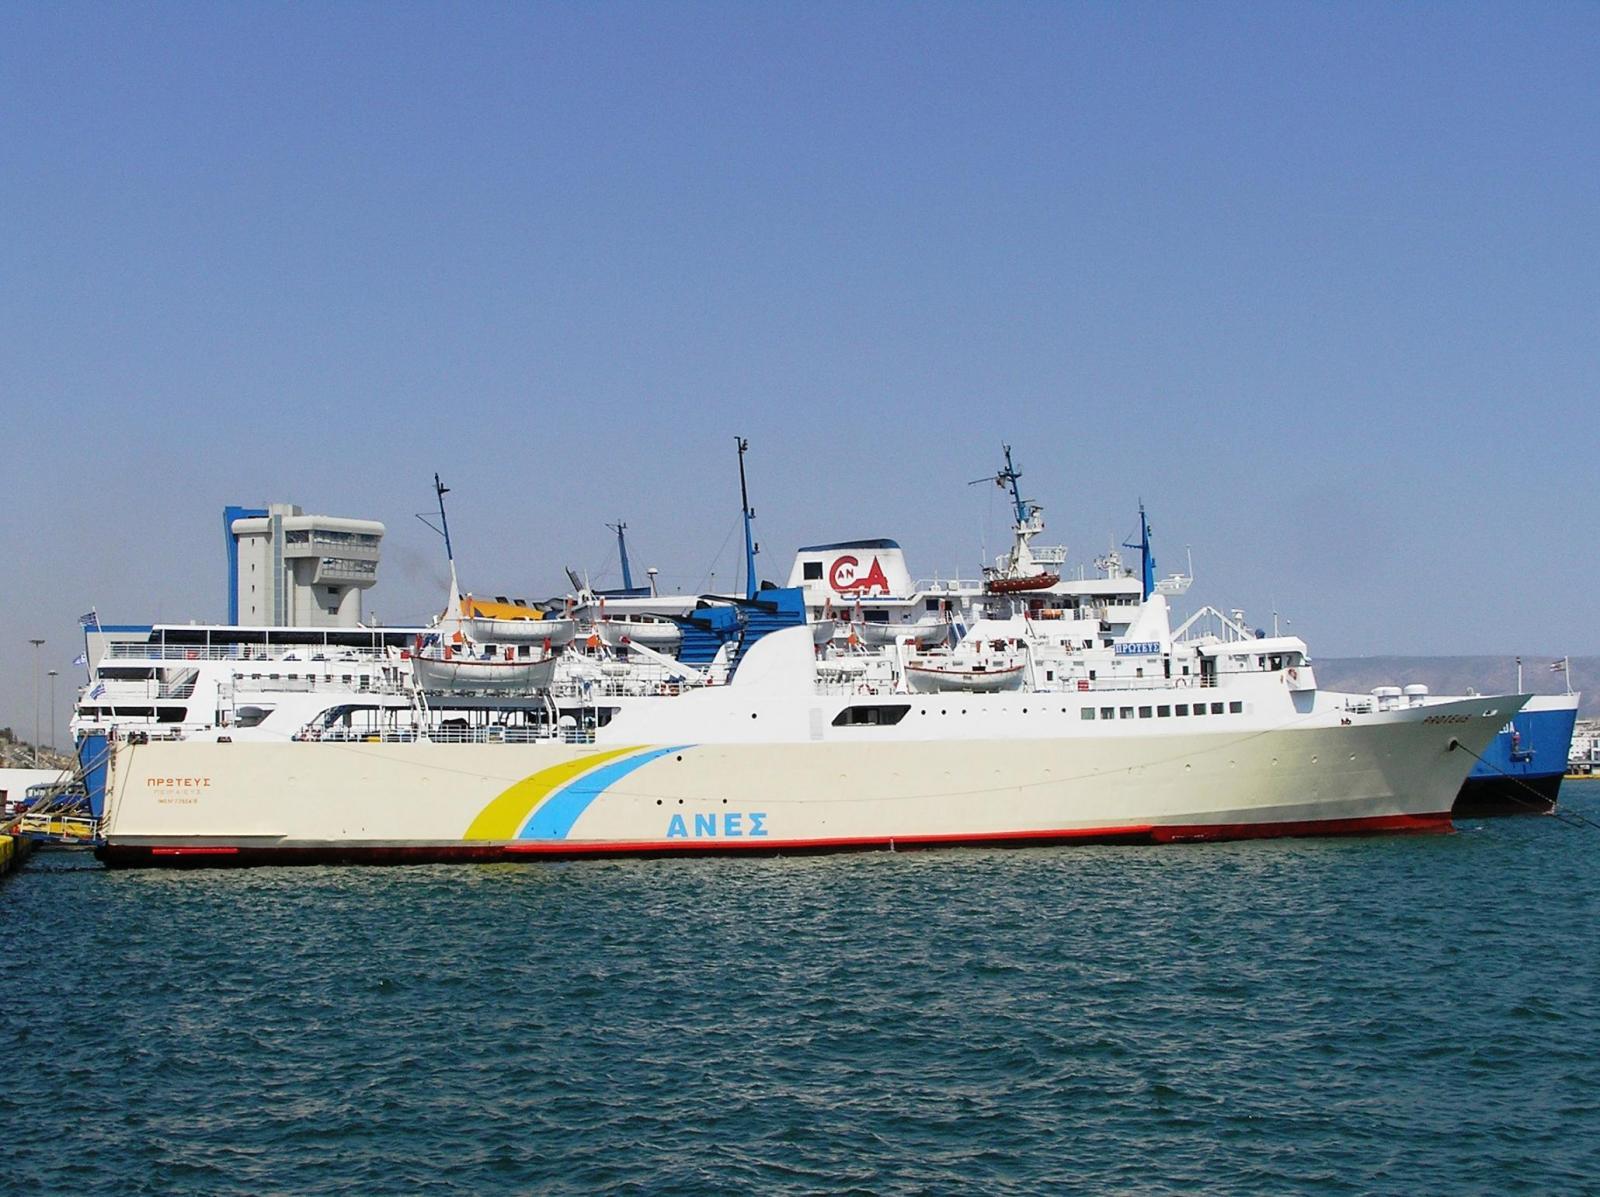 Δωρεάν μεταφορά επιβατών στη Σκόπελο από την ΑΝΕΣ